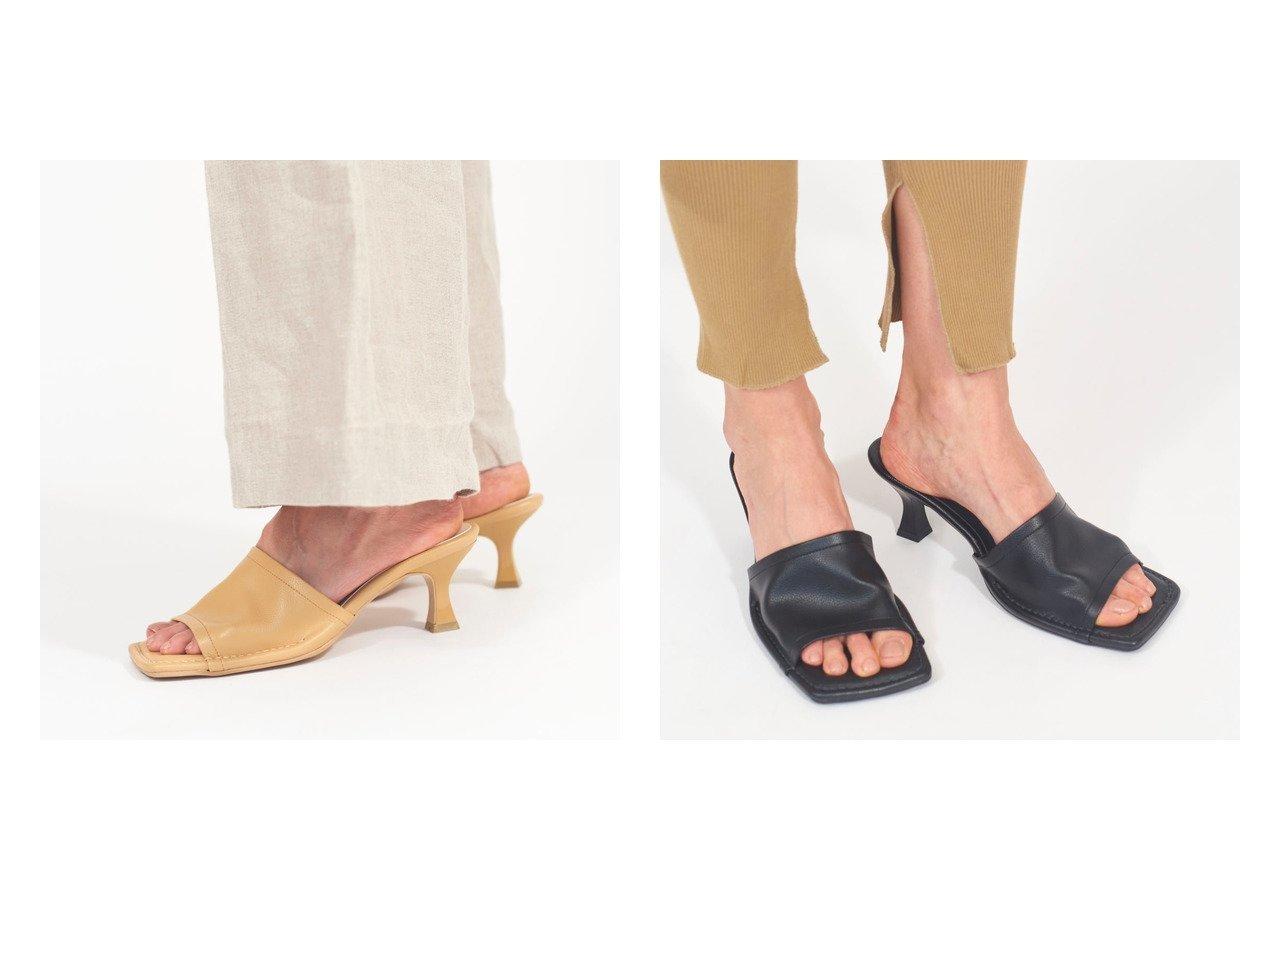 【Launa lea/ラウナレア】のスクエアトゥサンダル 【シューズ・靴】おすすめ!人気、トレンド・レディースファッションの通販 おすすめで人気の流行・トレンド、ファッションの通販商品 インテリア・家具・メンズファッション・キッズファッション・レディースファッション・服の通販 founy(ファニー) https://founy.com/ ファッション Fashion レディースファッション WOMEN インソール 春 Spring クッション 今季 抗菌 シンプル トレンド メッシュ リラックス 2021年 2021 S/S・春夏 SS・Spring/Summer 2021春夏・S/S SS/Spring/Summer/2021 |ID:crp329100000045535